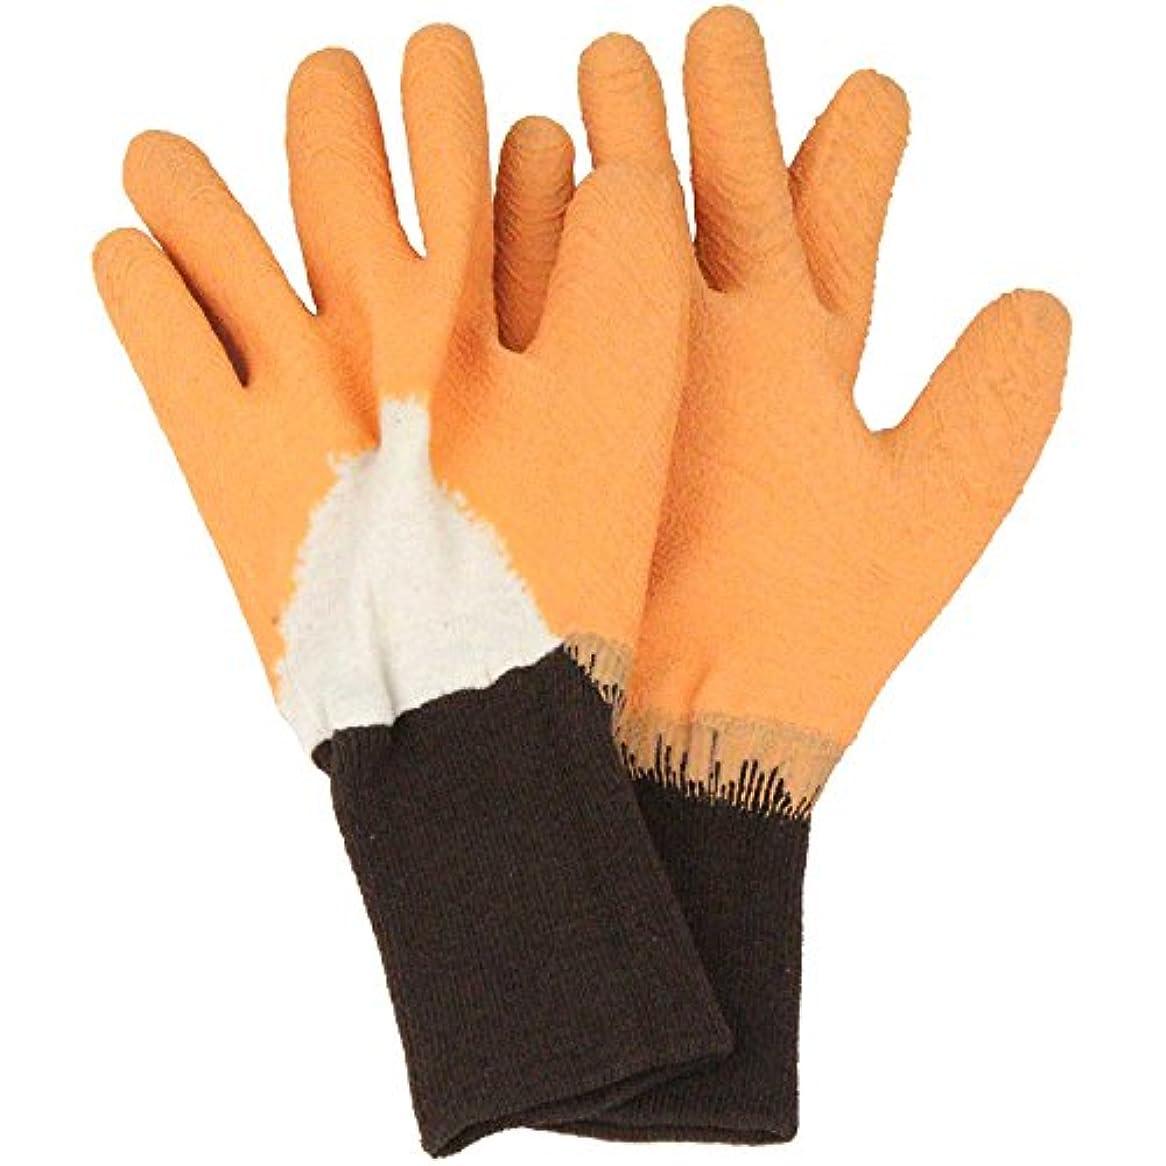 言う報いる愛セフティー3 トゲがささりにくい手袋 オレンジ S